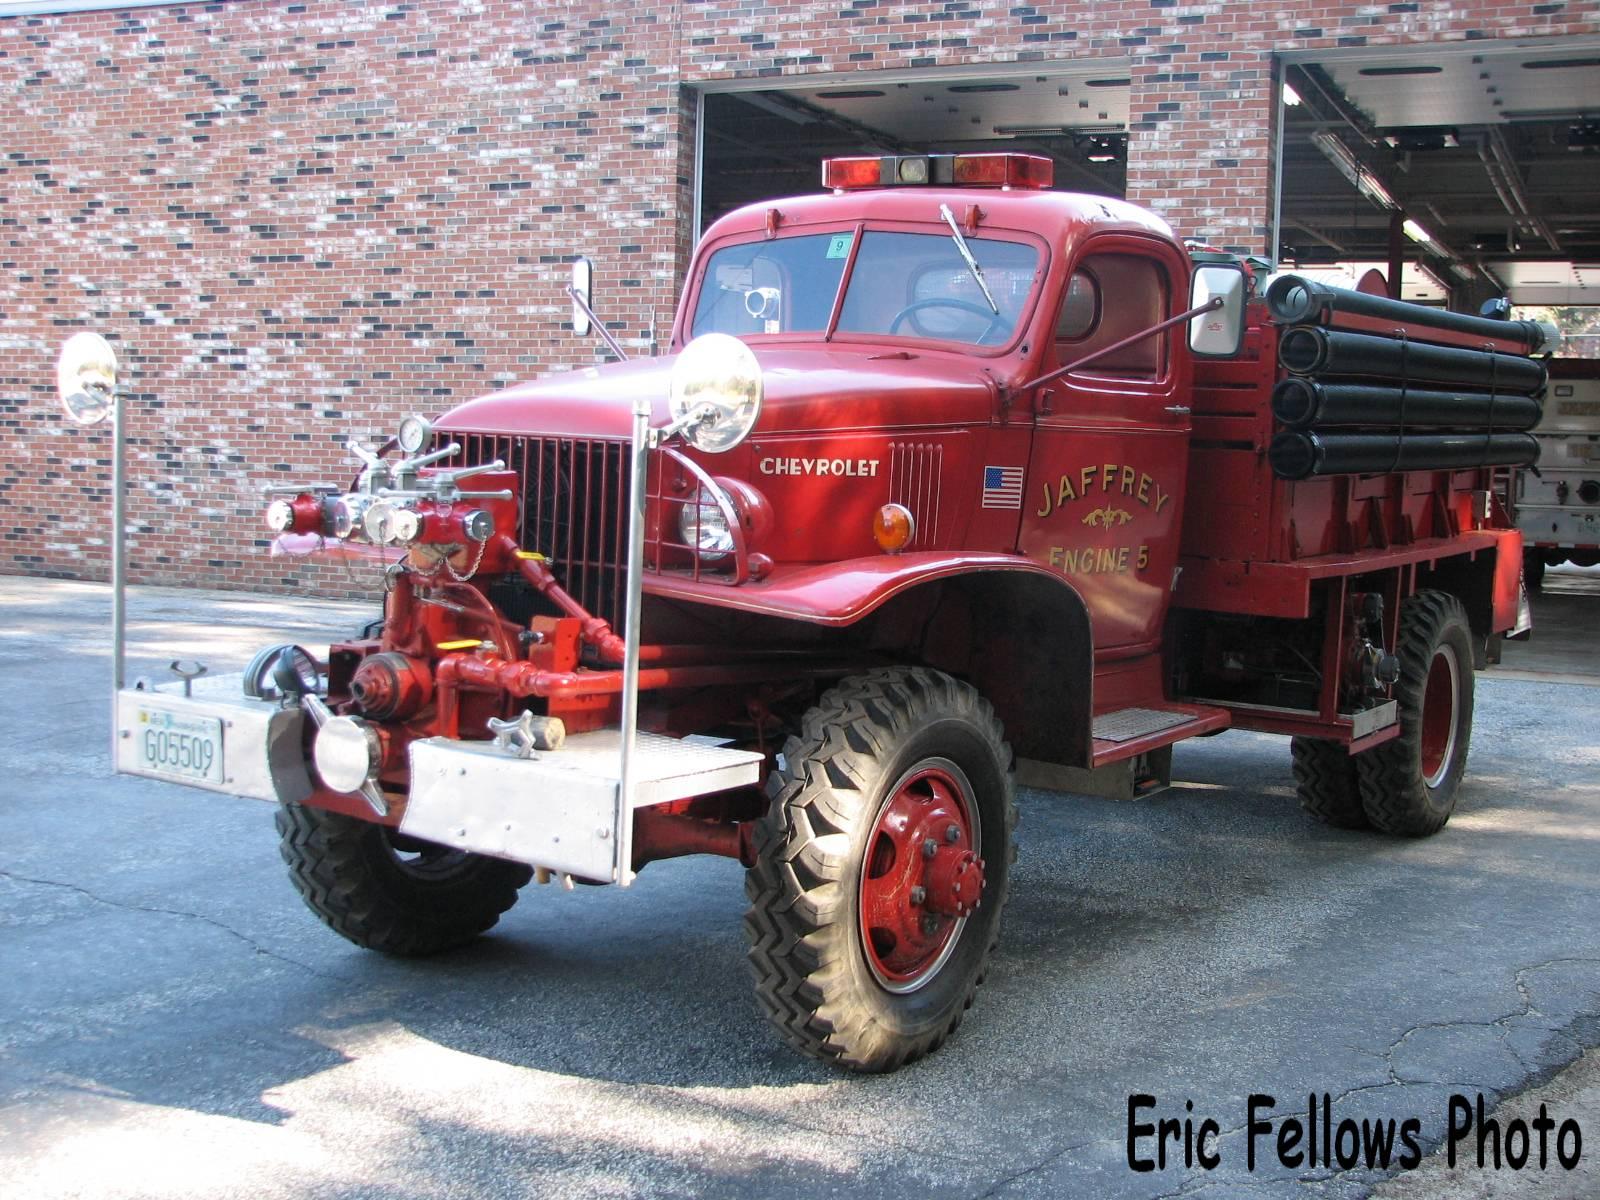 Jaffrey, NH 16 Brush 1 (1942 Chevrolet)_314025923_o.jpg